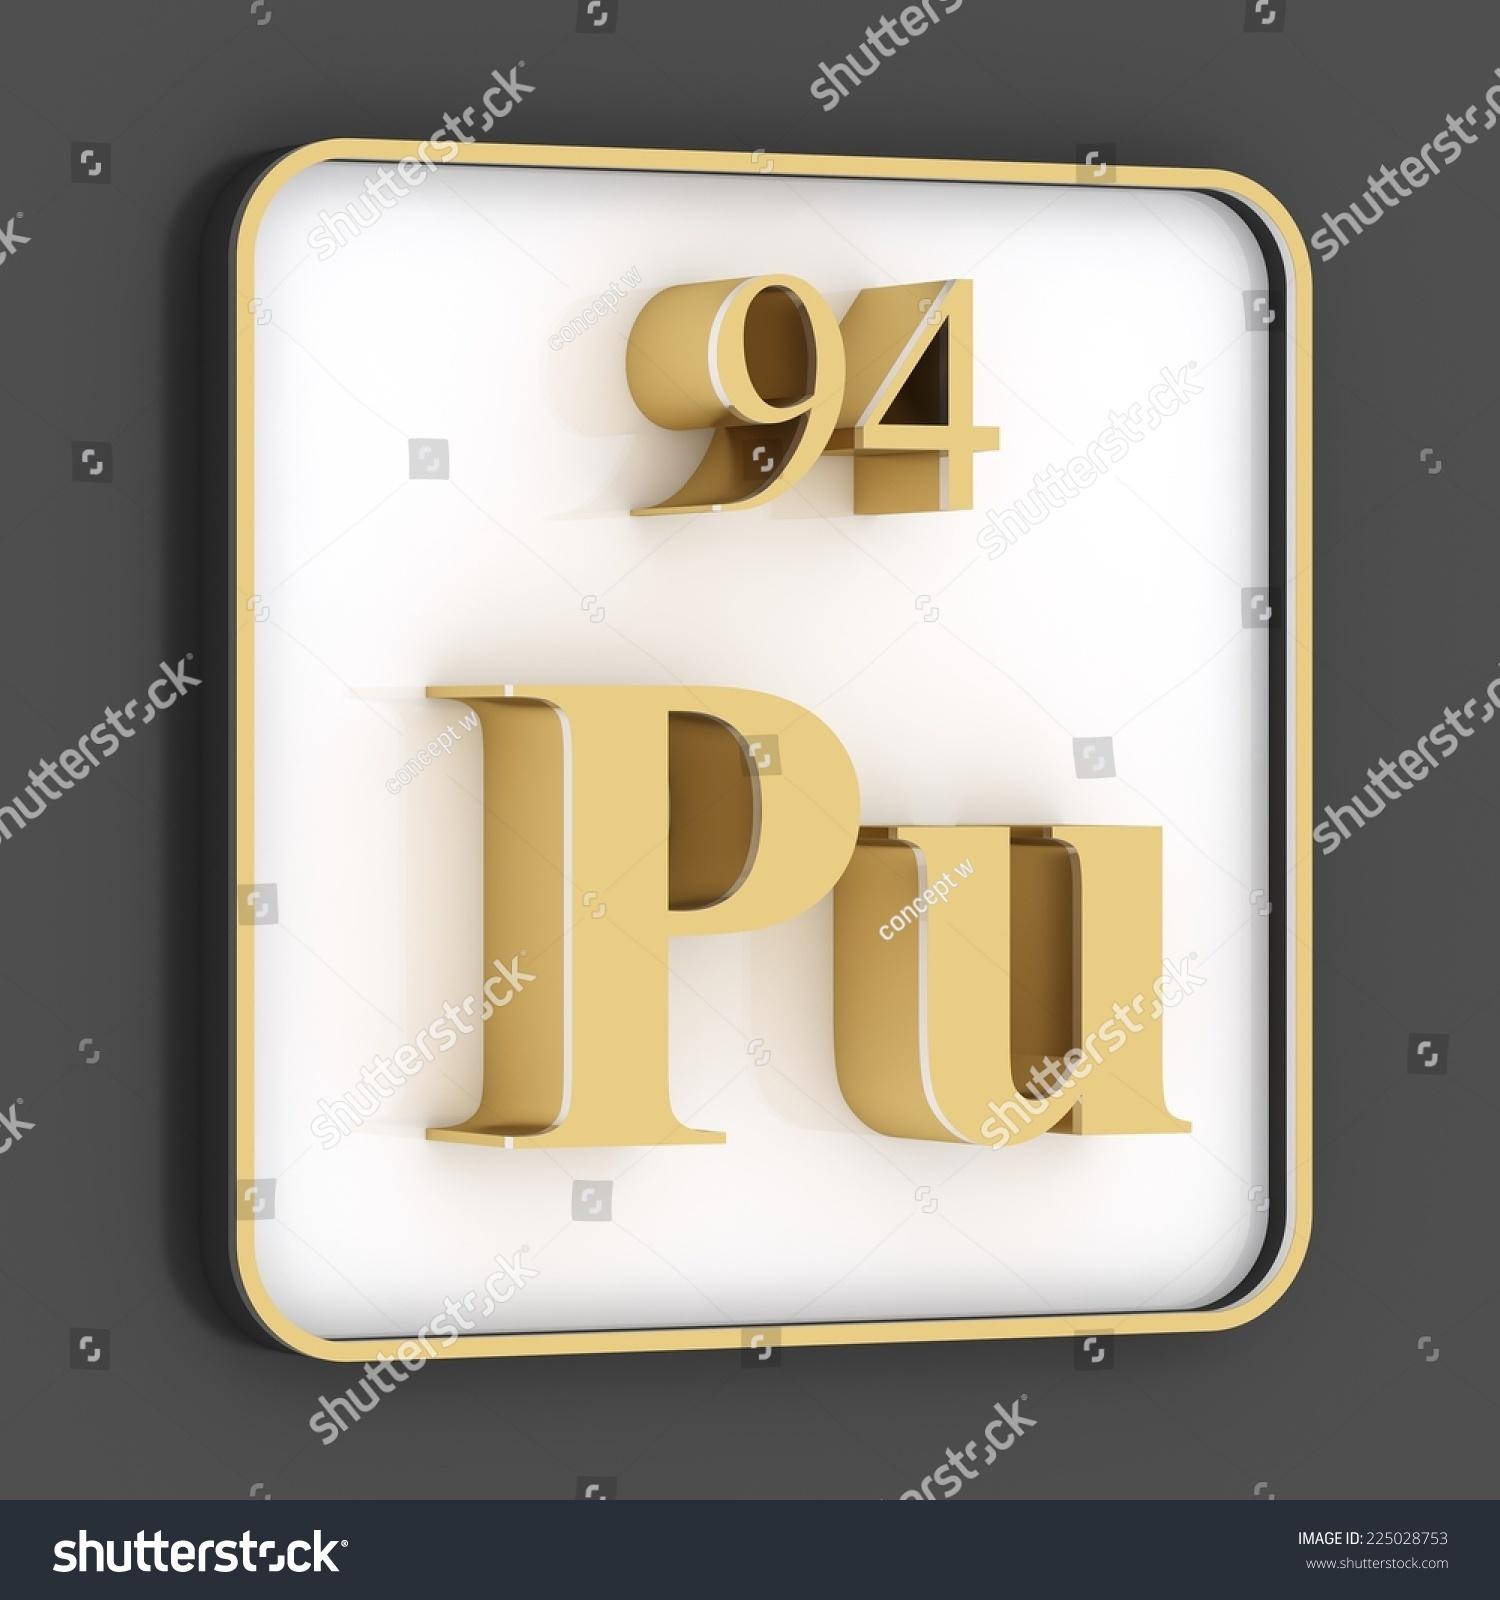 Plutonium symbol periodic table image collections periodic table plutonium symbol periodic table images periodic table images plutonium symbol periodic table image collections periodic table gamestrikefo Gallery